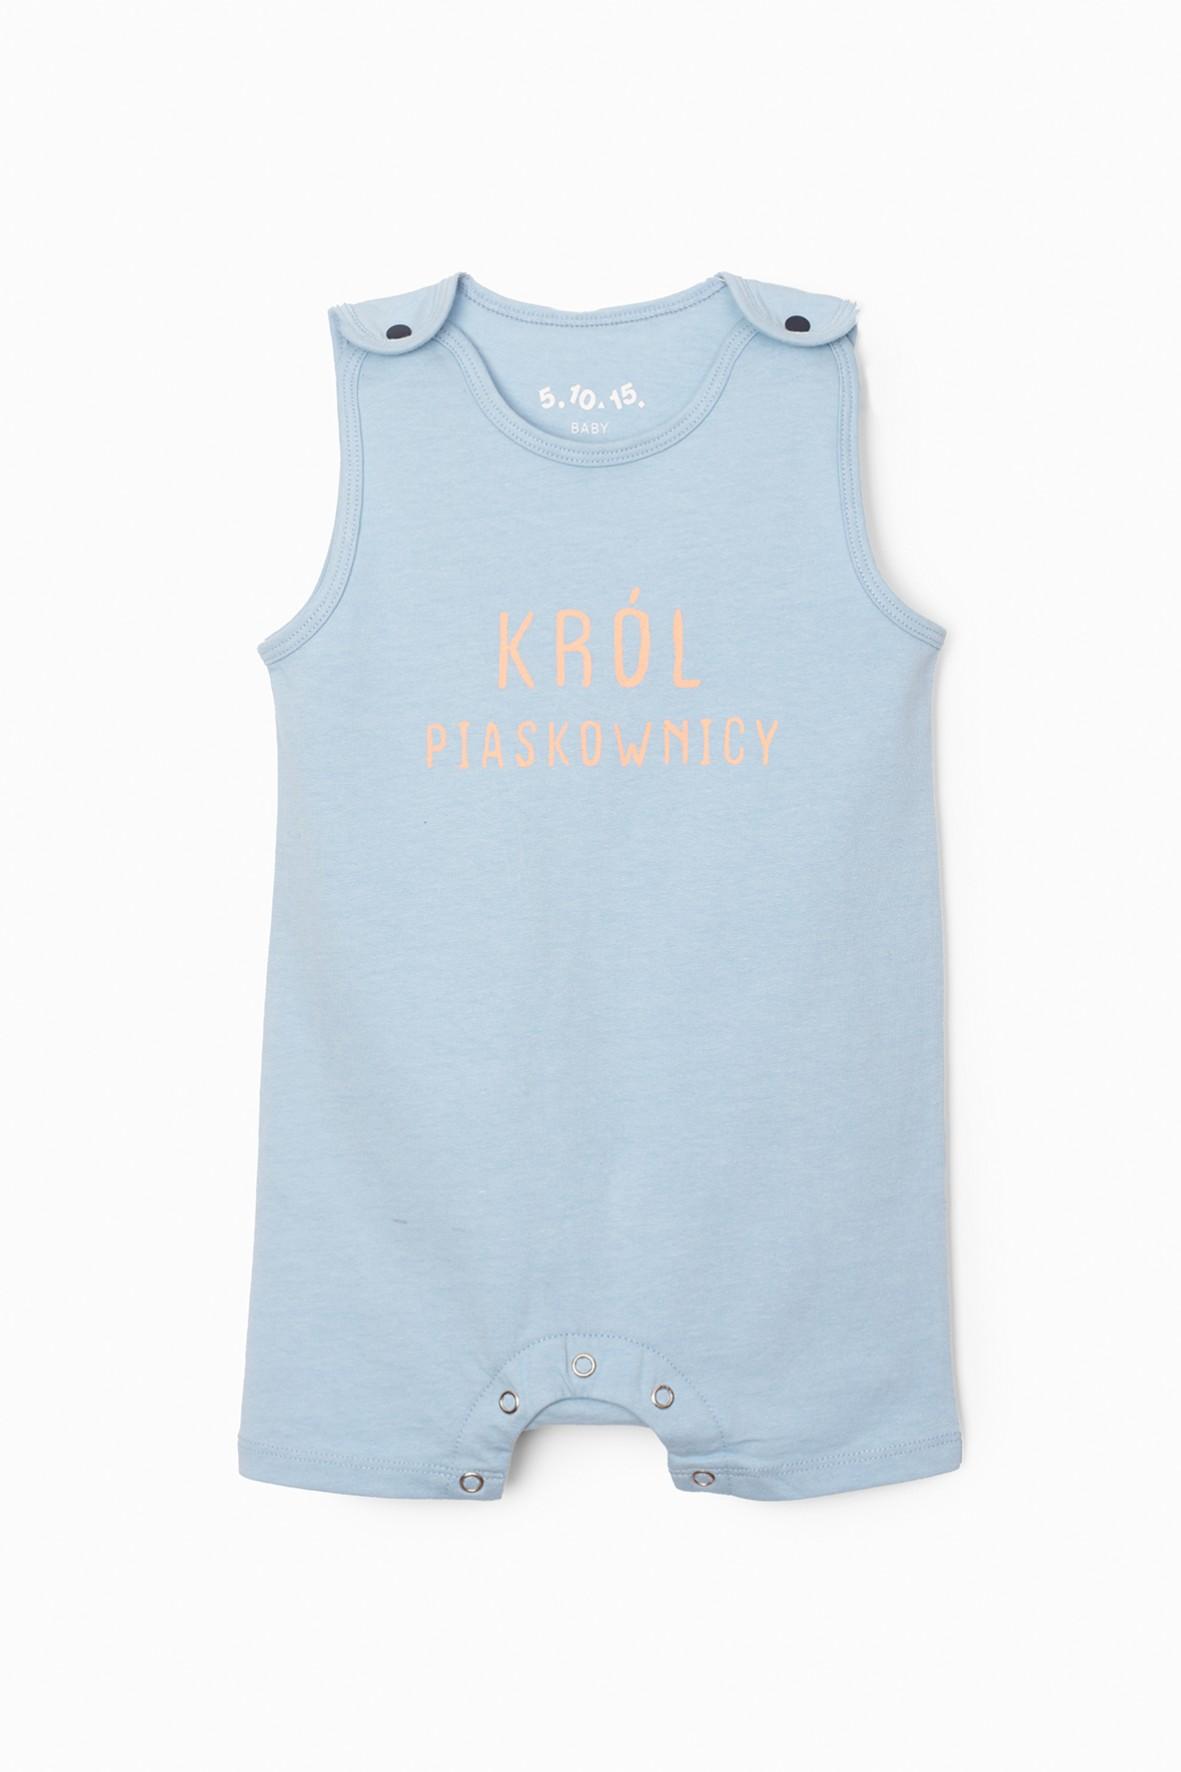 Niebieski pajac niemowlęcy z napisem- Król piaskownicy